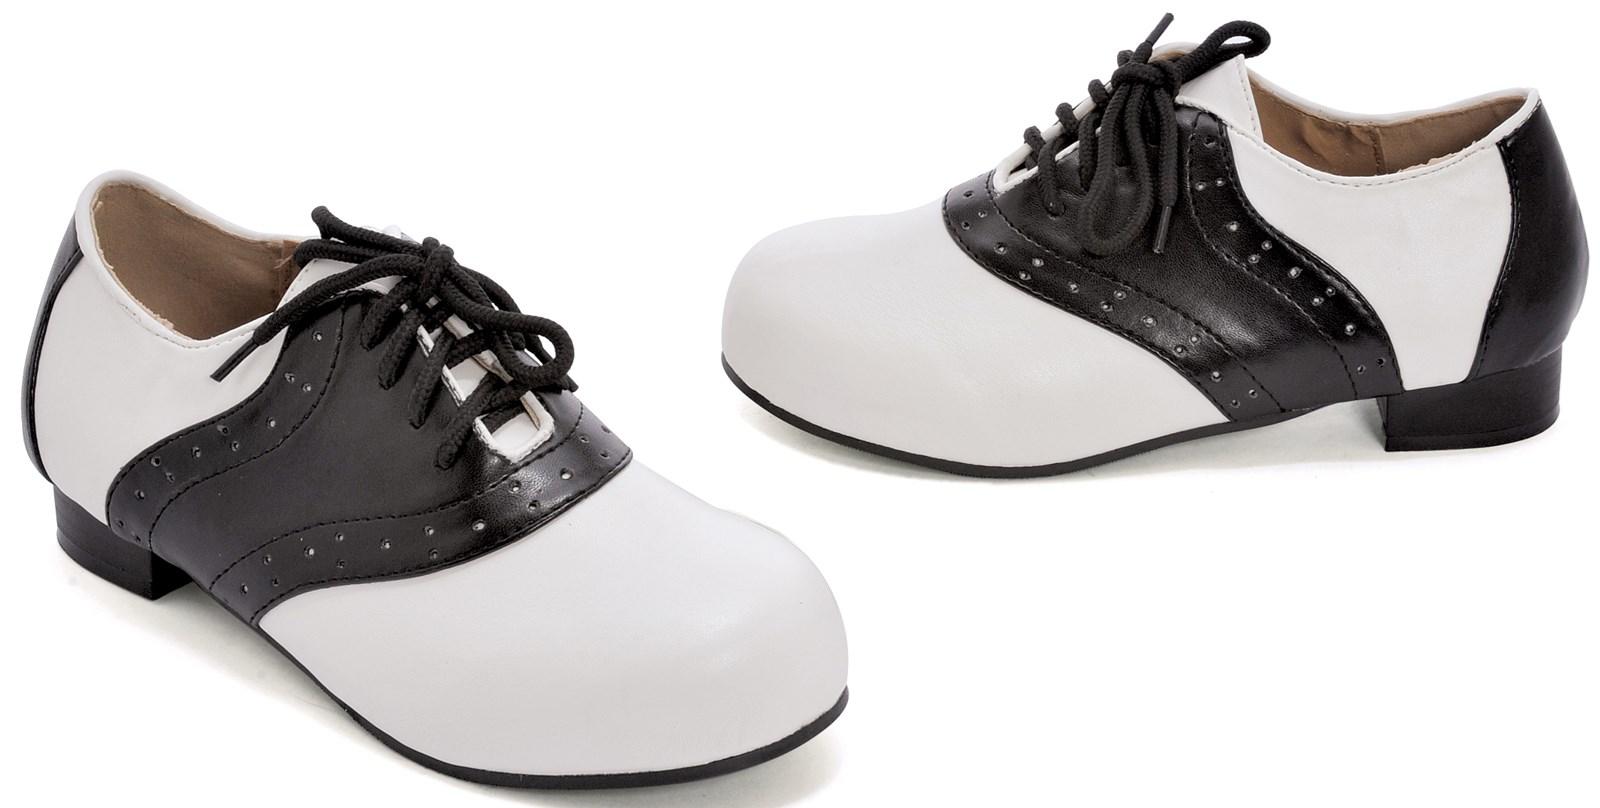 Saddle Black/White Child Shoes